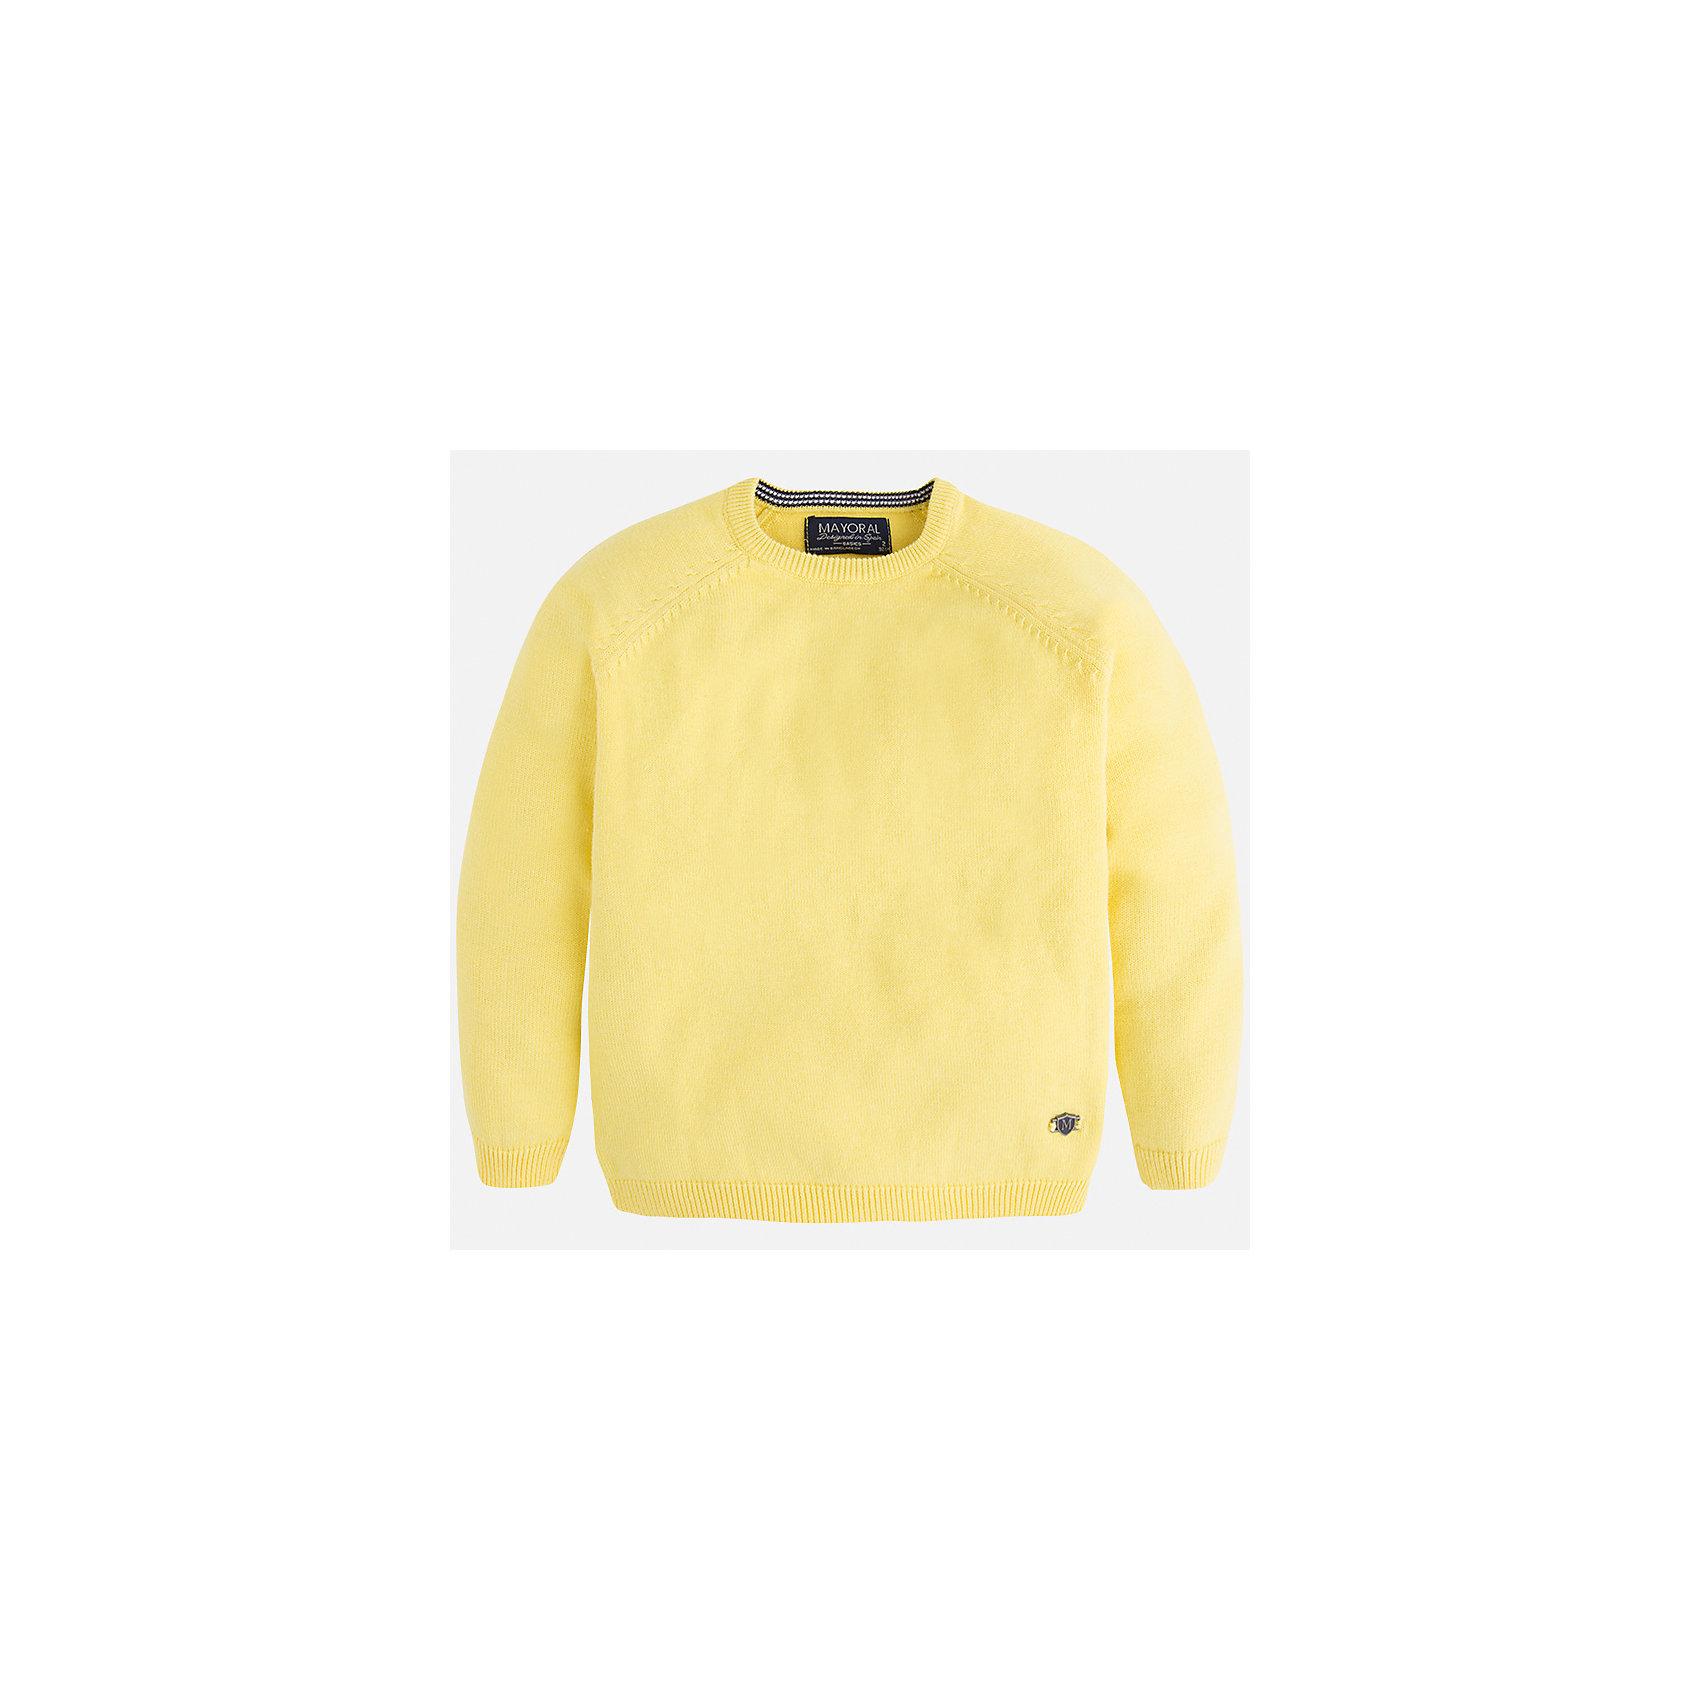 Свитер для мальчика MayoralСвитера и кардиганы<br>Характеристики товара:<br><br>• цвет: жёлтый<br>• состав: 60% хлопок, 30% полиэстер, 10% шерсть<br>• рукава длинные <br>• вышивка на груди<br>• округлая горловина<br>• манжеты<br>• страна бренда: Испания<br><br>Удобный и красивый свитер для мальчика поможет разнообразить гардероб ребенка и обеспечить тепло. Он отлично сочетается и с джинсами, и с брюками. Интересная отделка модели делает её нарядной и оригинальной. В составе материала - натуральный хлопок, гипоаллергенный, приятный на ощупь, дышащий.<br><br>Свитер для мальчика от испанского бренда Mayoral (Майорал) можно купить в нашем интернет-магазине.<br><br>Ширина мм: 190<br>Глубина мм: 74<br>Высота мм: 229<br>Вес г: 236<br>Цвет: желтый<br>Возраст от месяцев: 18<br>Возраст до месяцев: 24<br>Пол: Мужской<br>Возраст: Детский<br>Размер: 92,110,98,104,116,122,128,134<br>SKU: 5277988